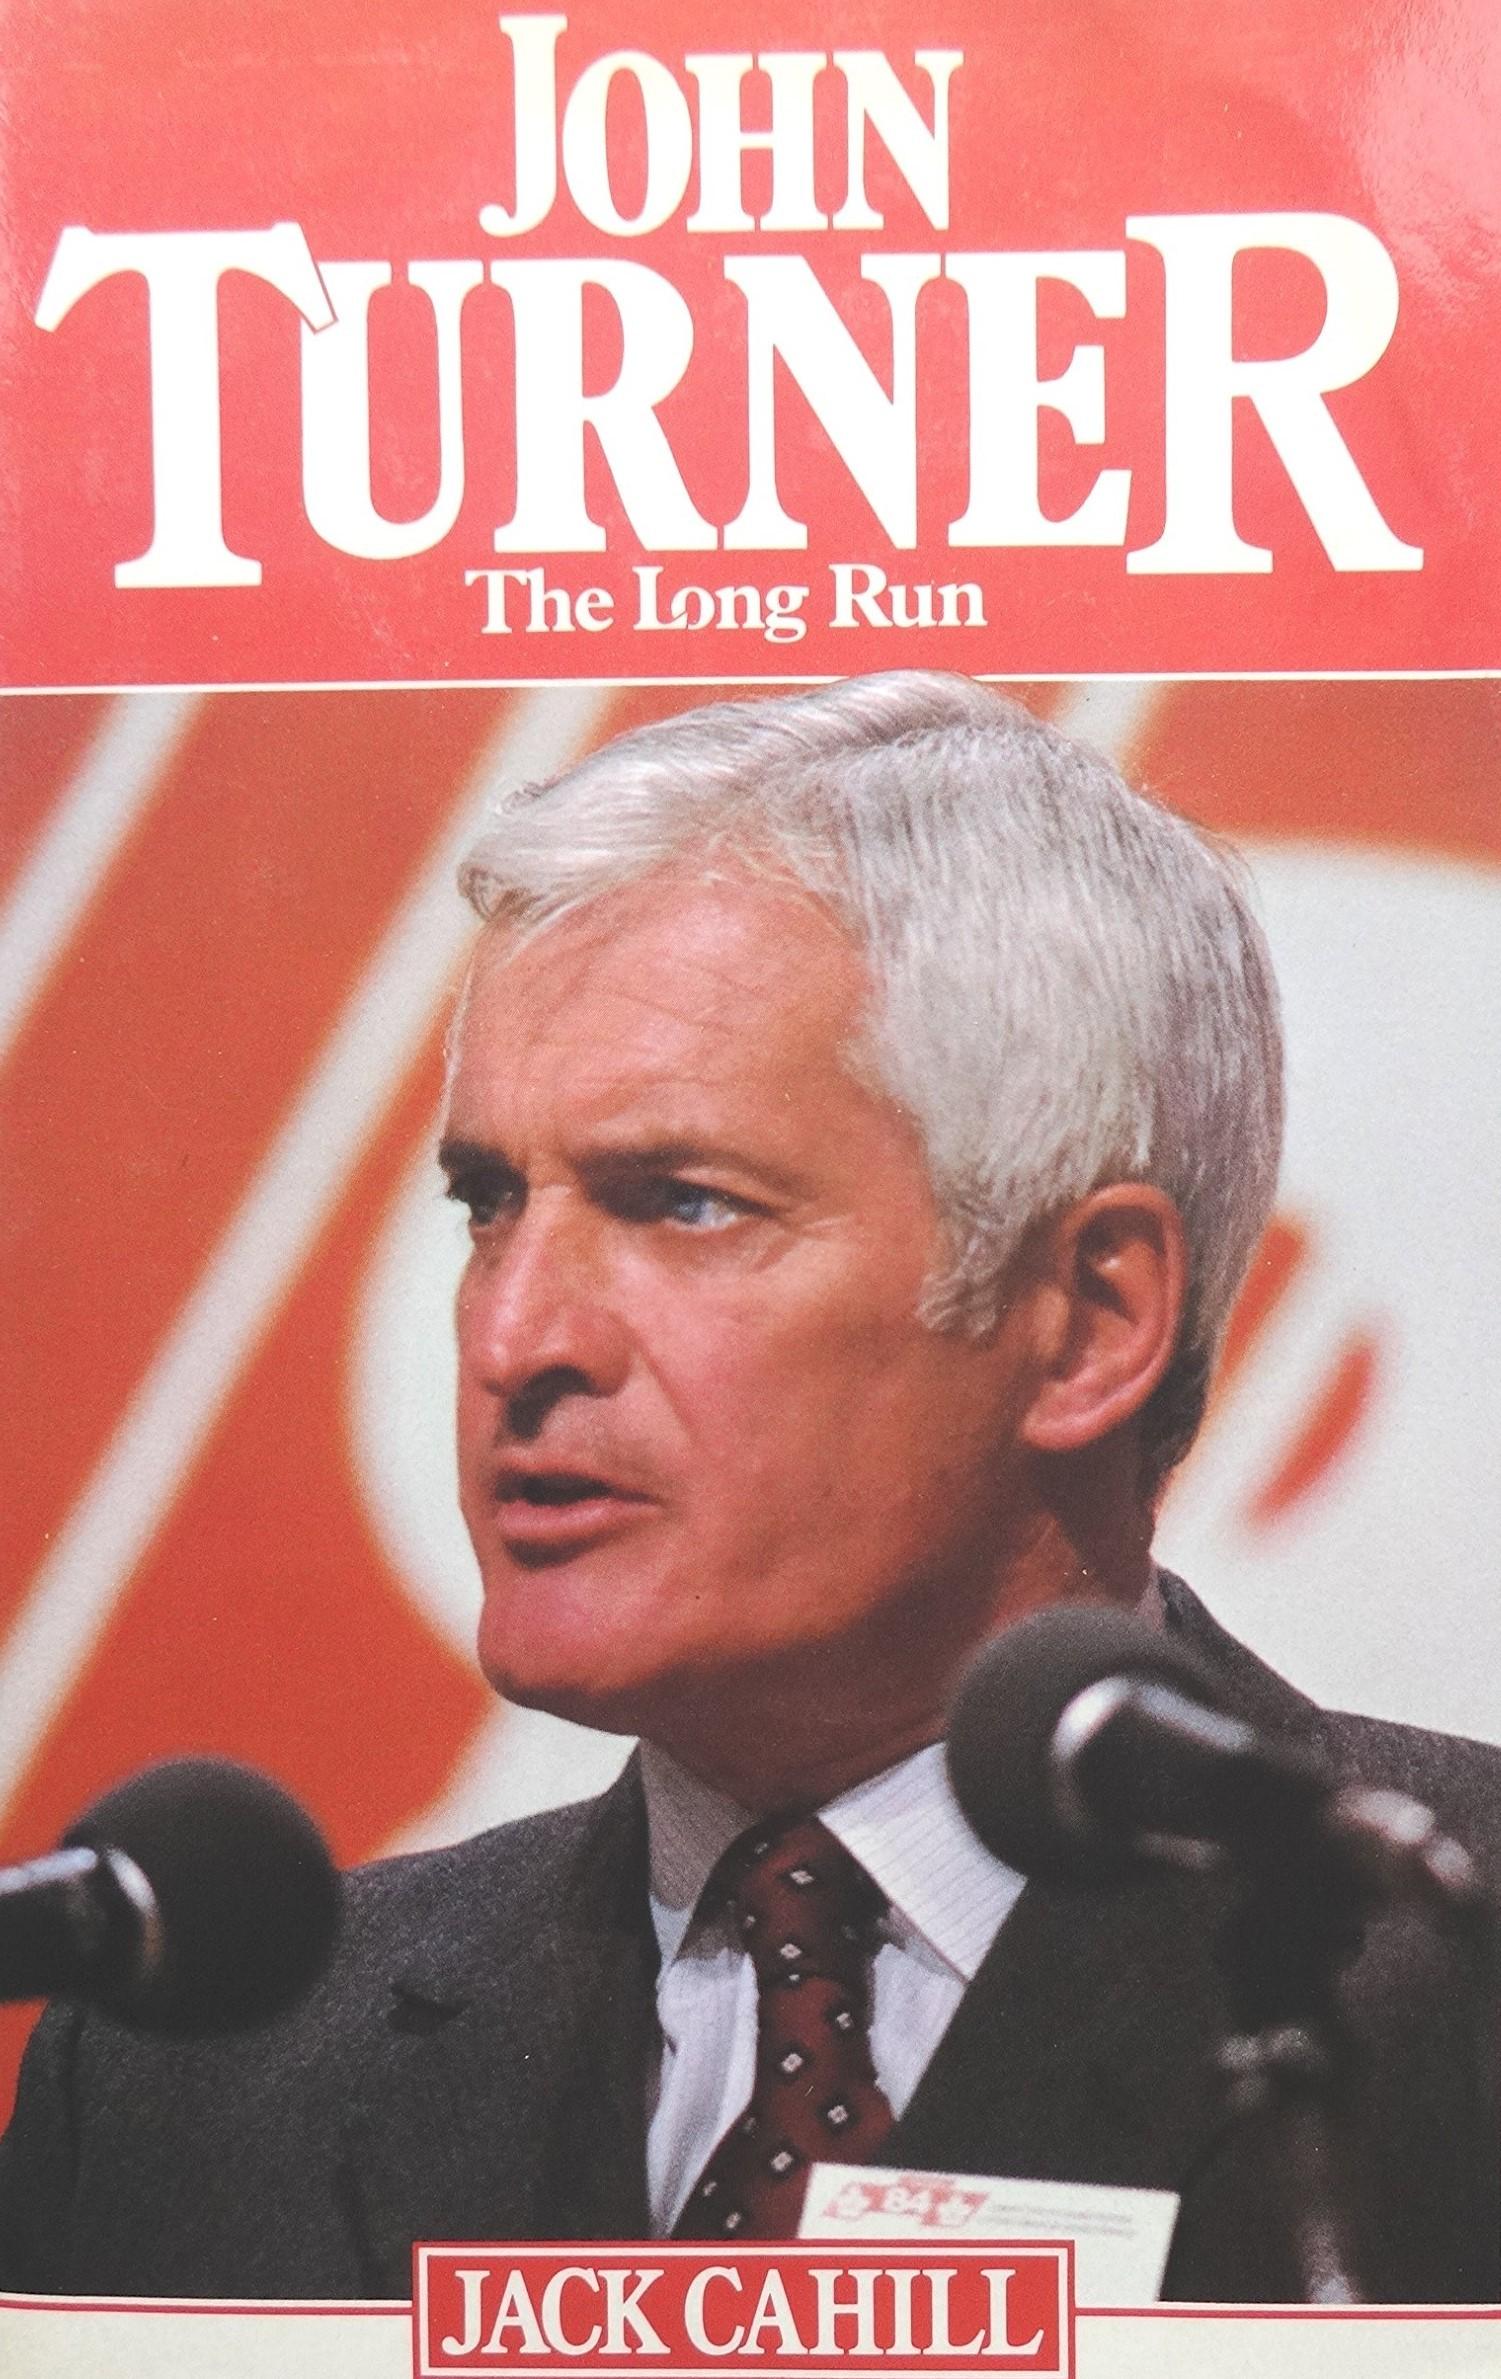 John Turner: The Long Run